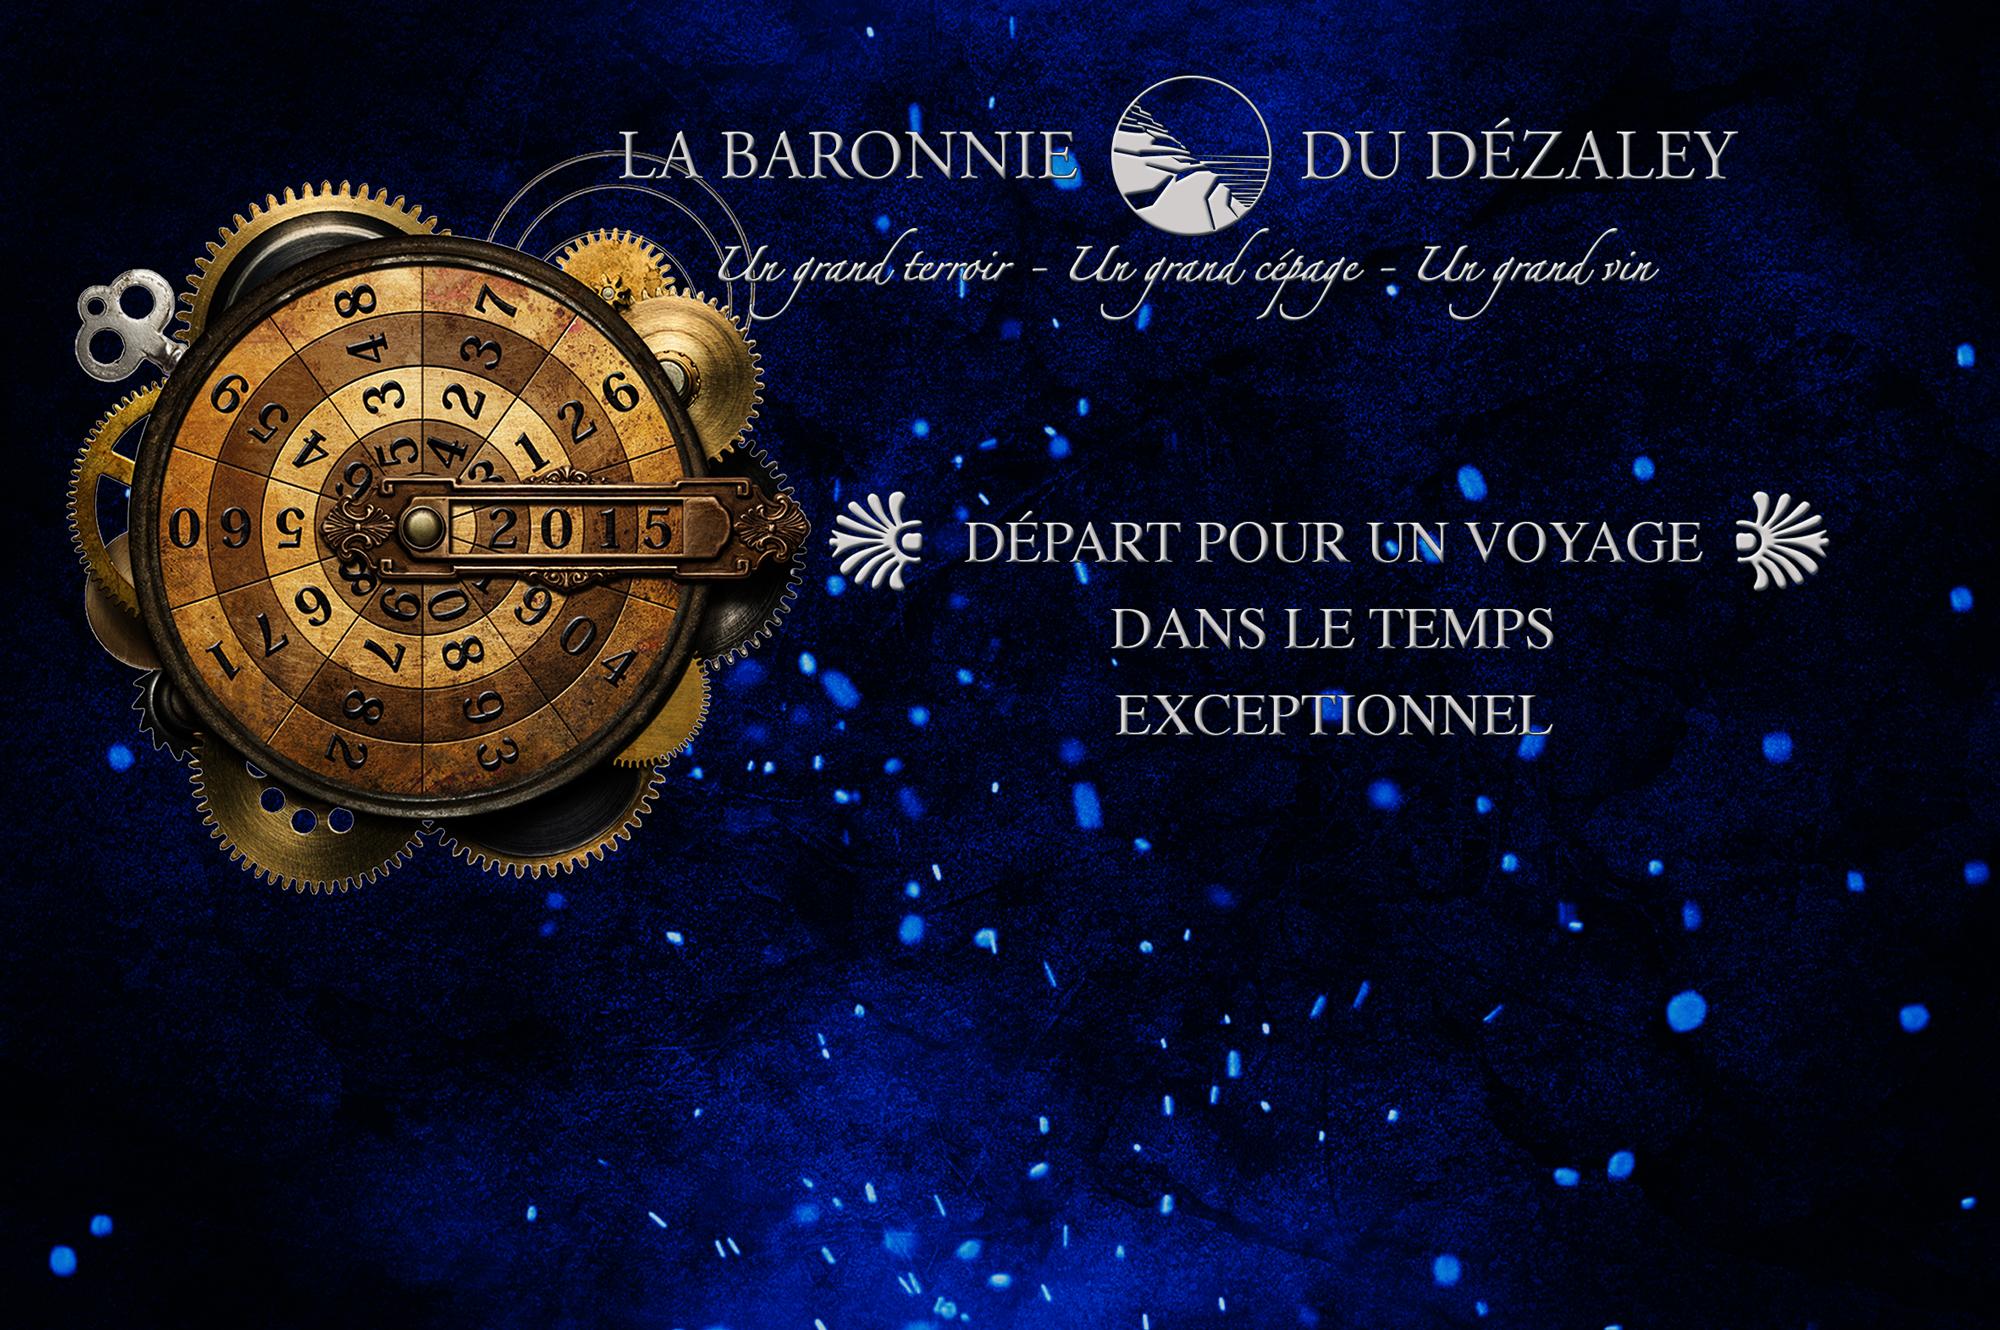 La Baronnie du Dézaley c'est ... Un grand Terroir - Un grand cépage - Un grand vin.